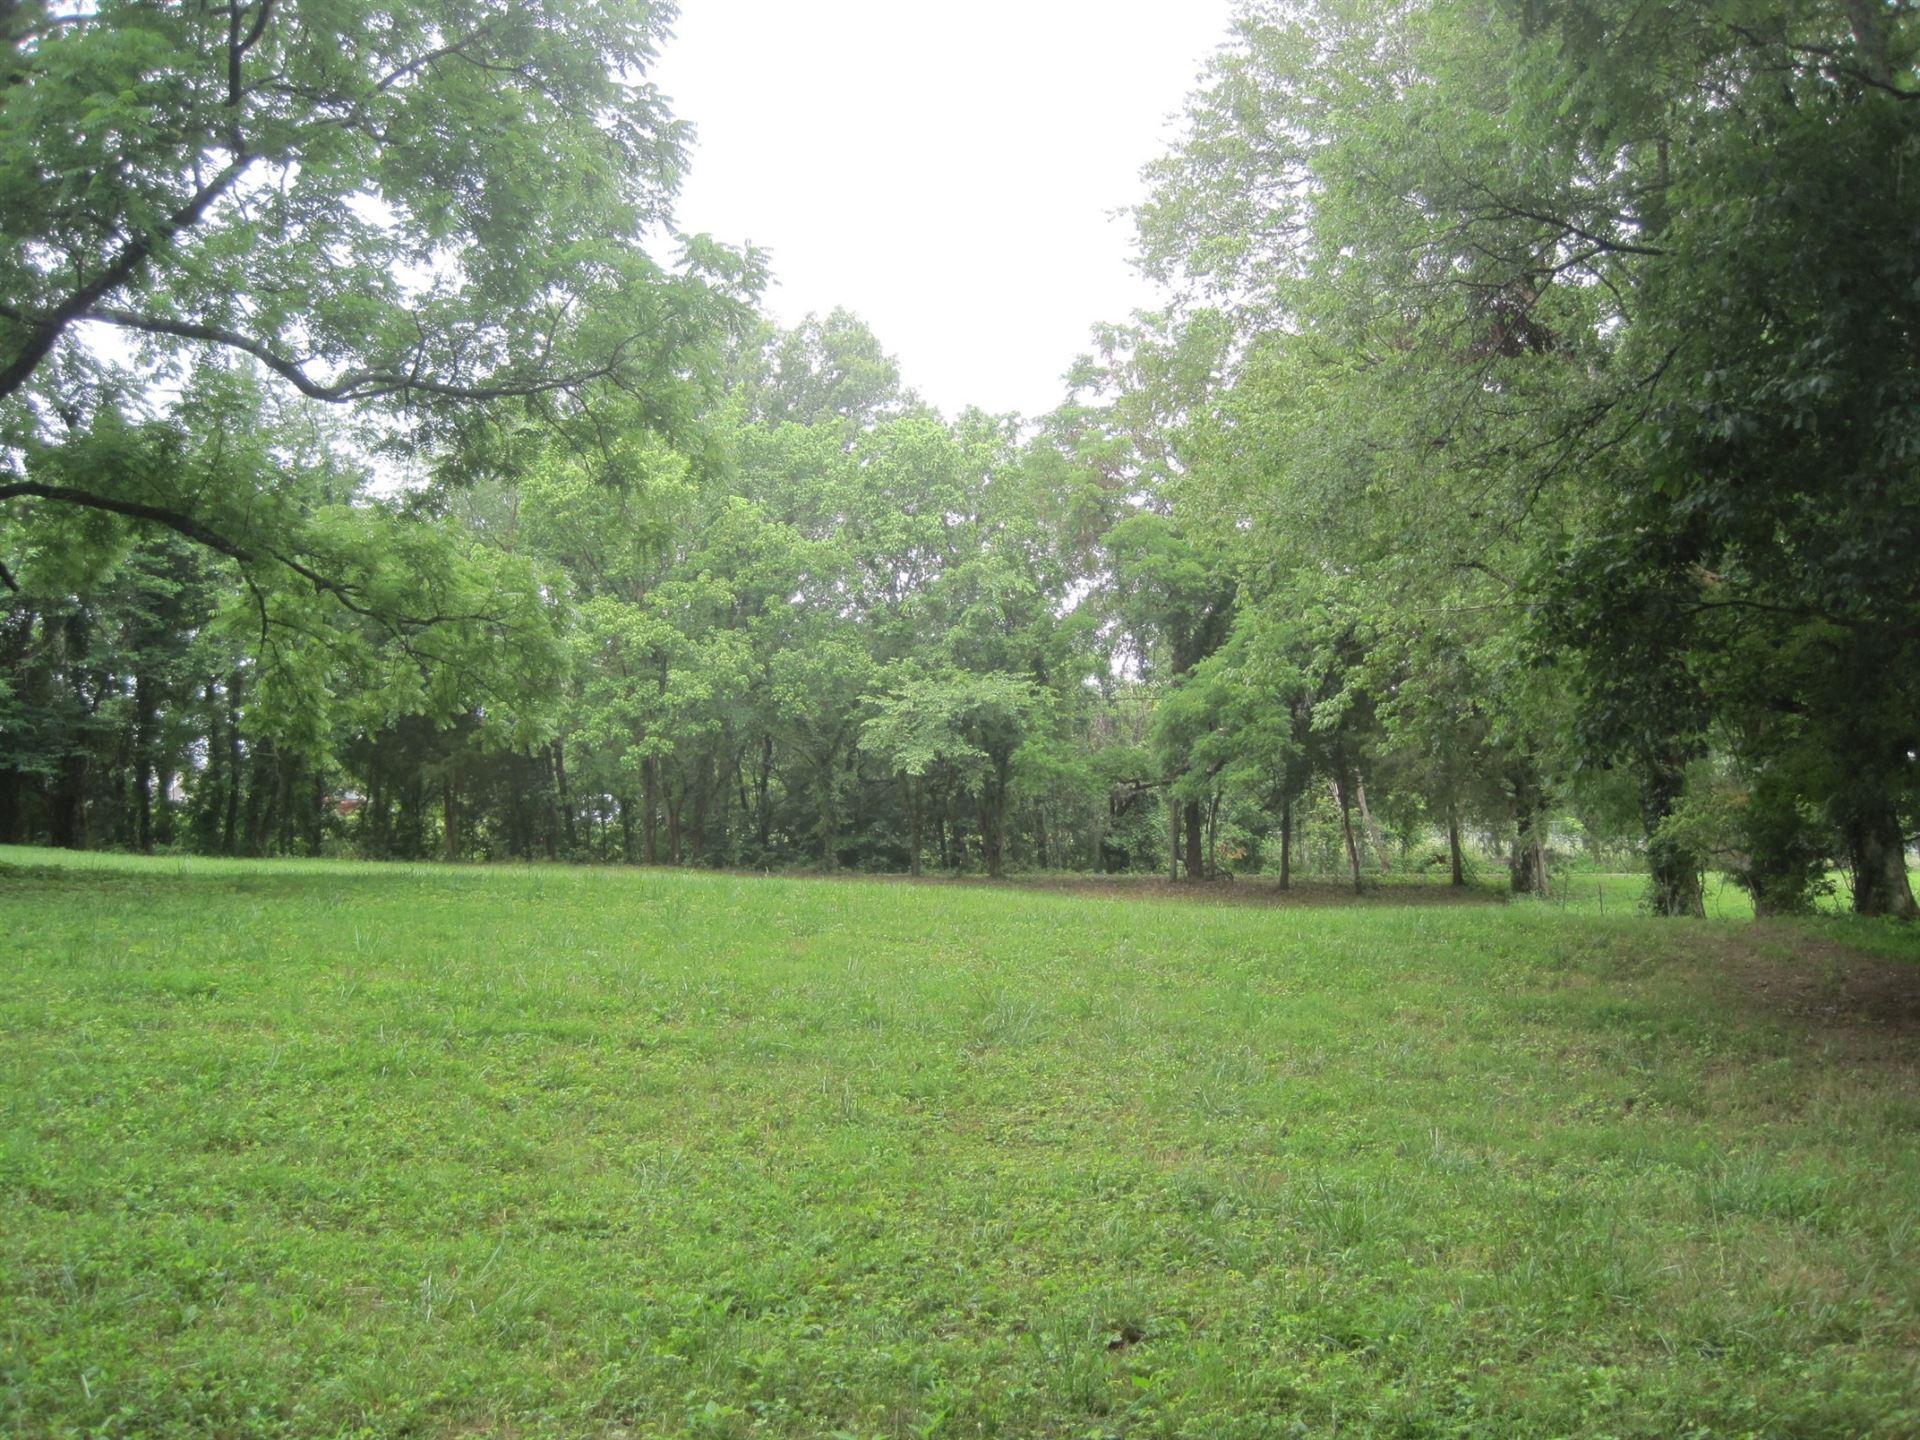 Photo of 2946 Old Horton Highway, Nolensville, TN 37135 (MLS # 2165154)